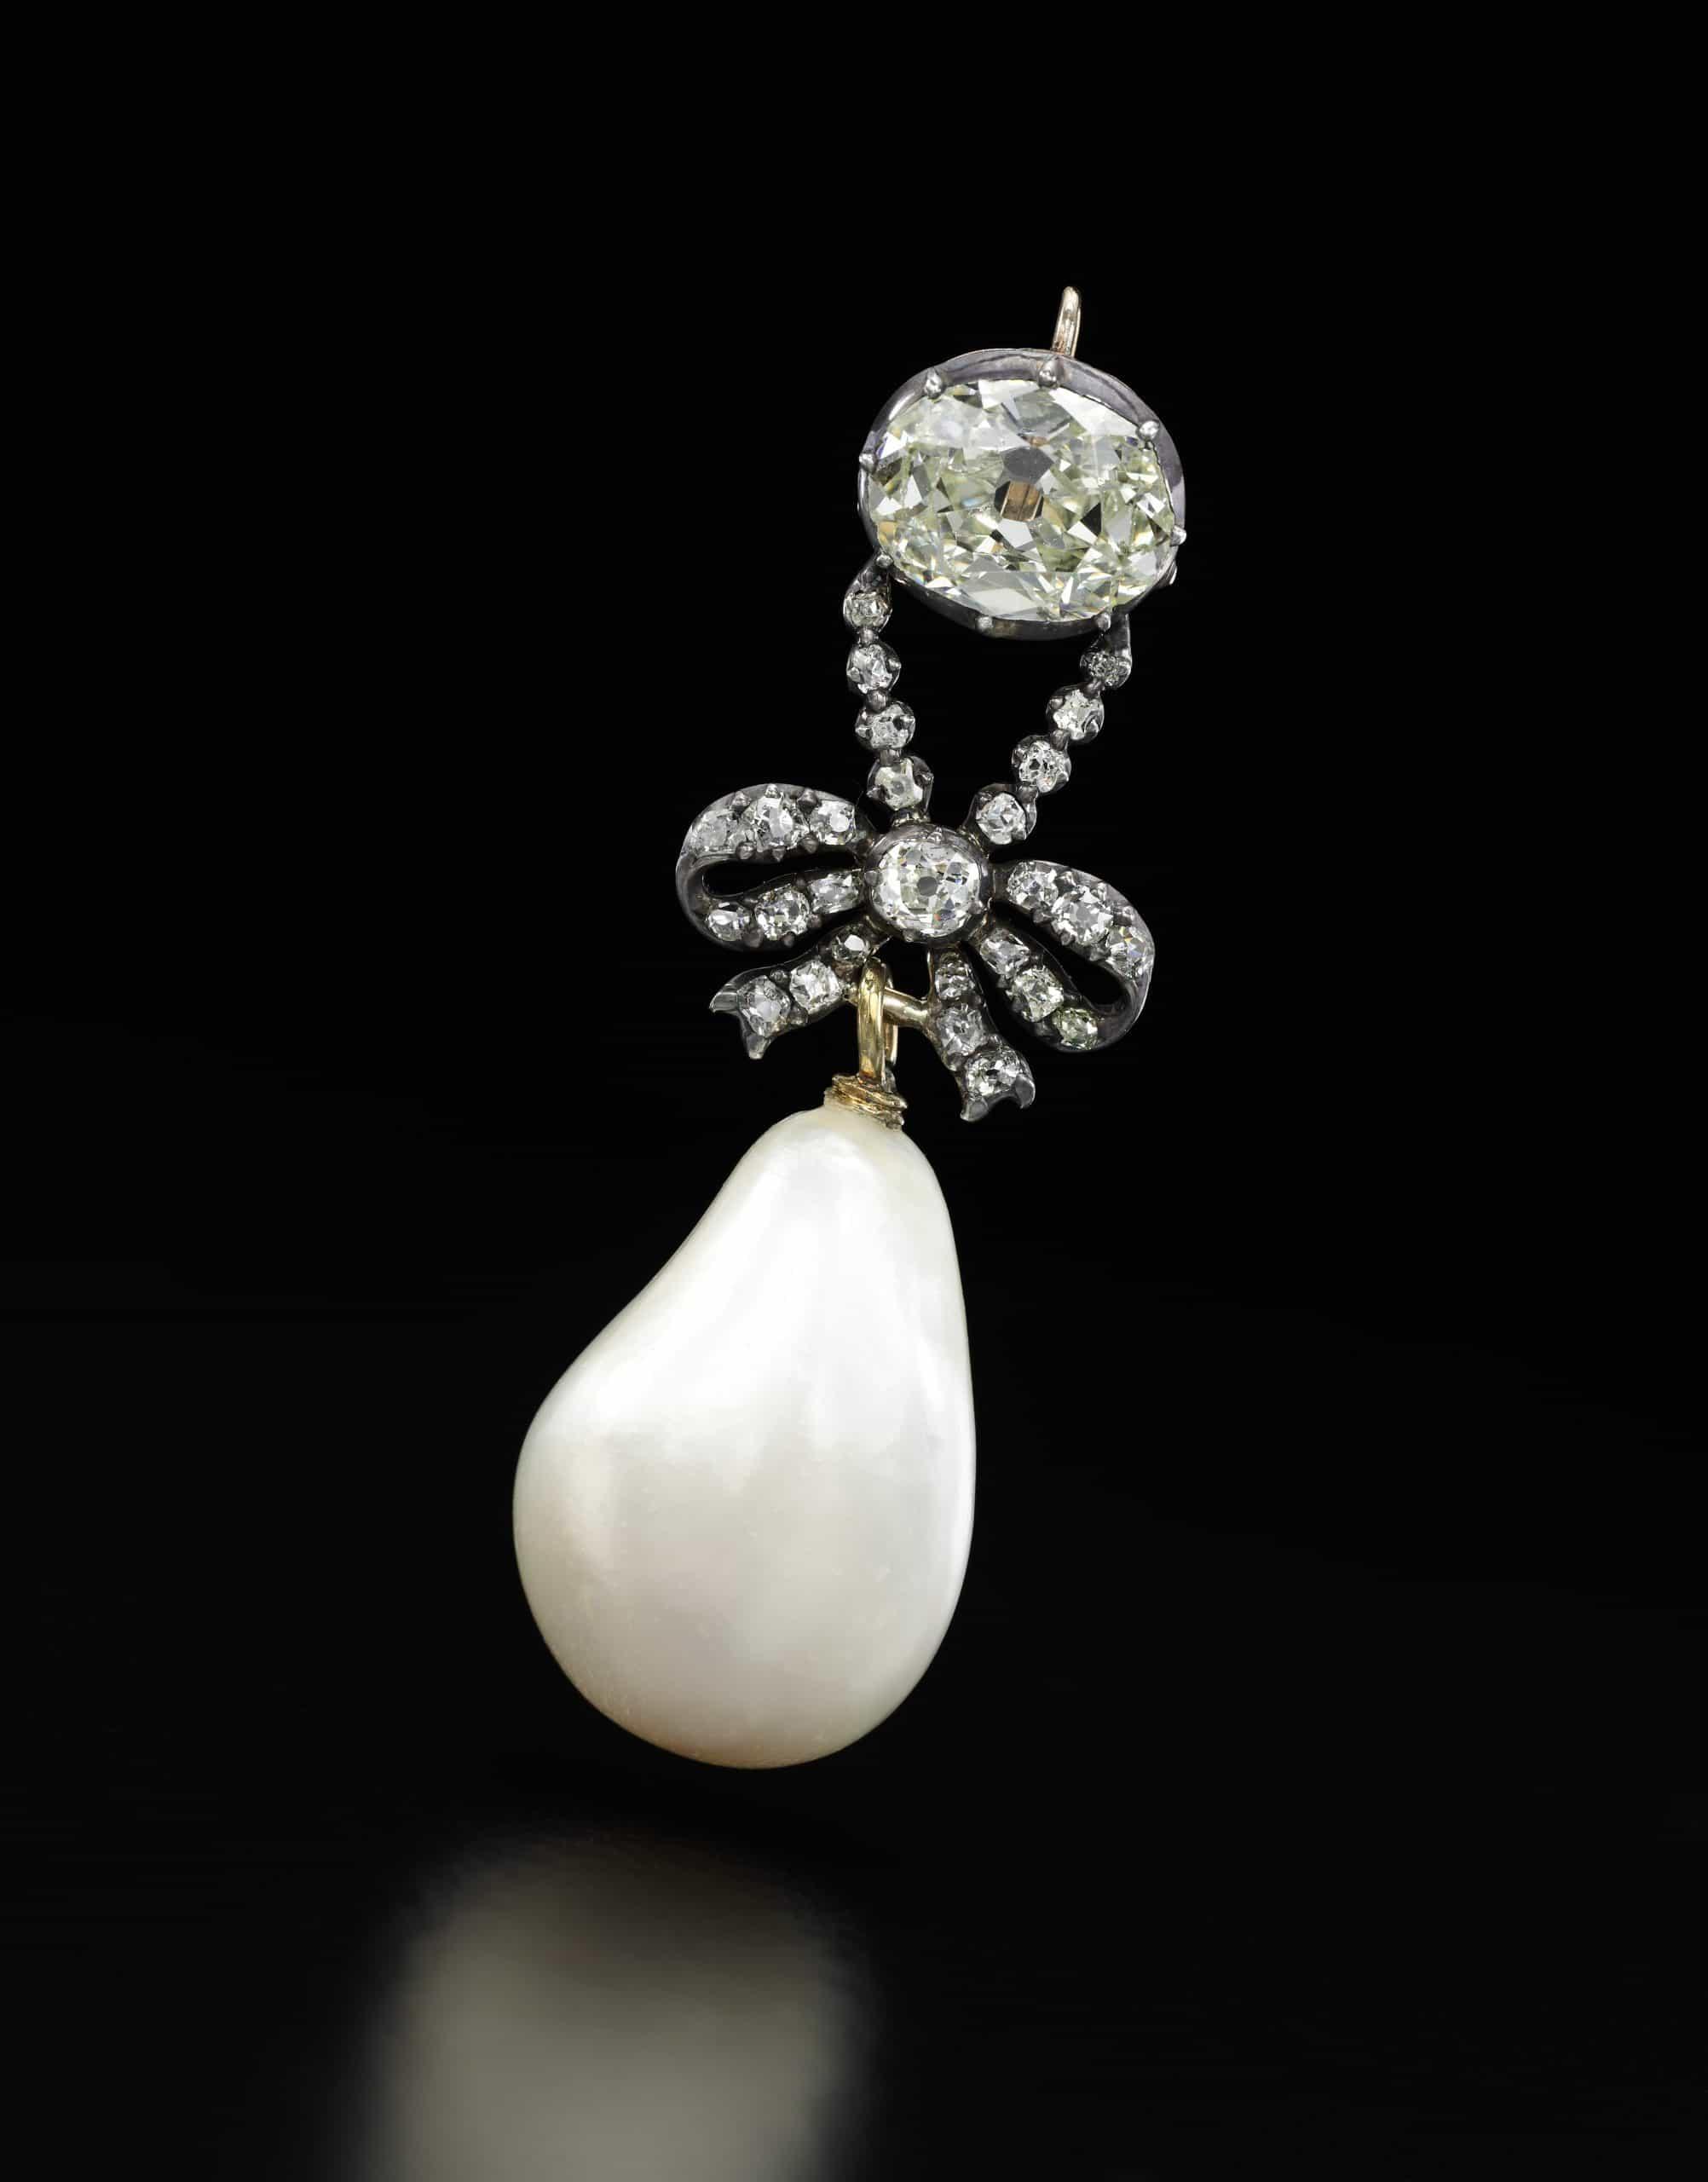 Magnificent natural pearl jewels capture investors' imagination